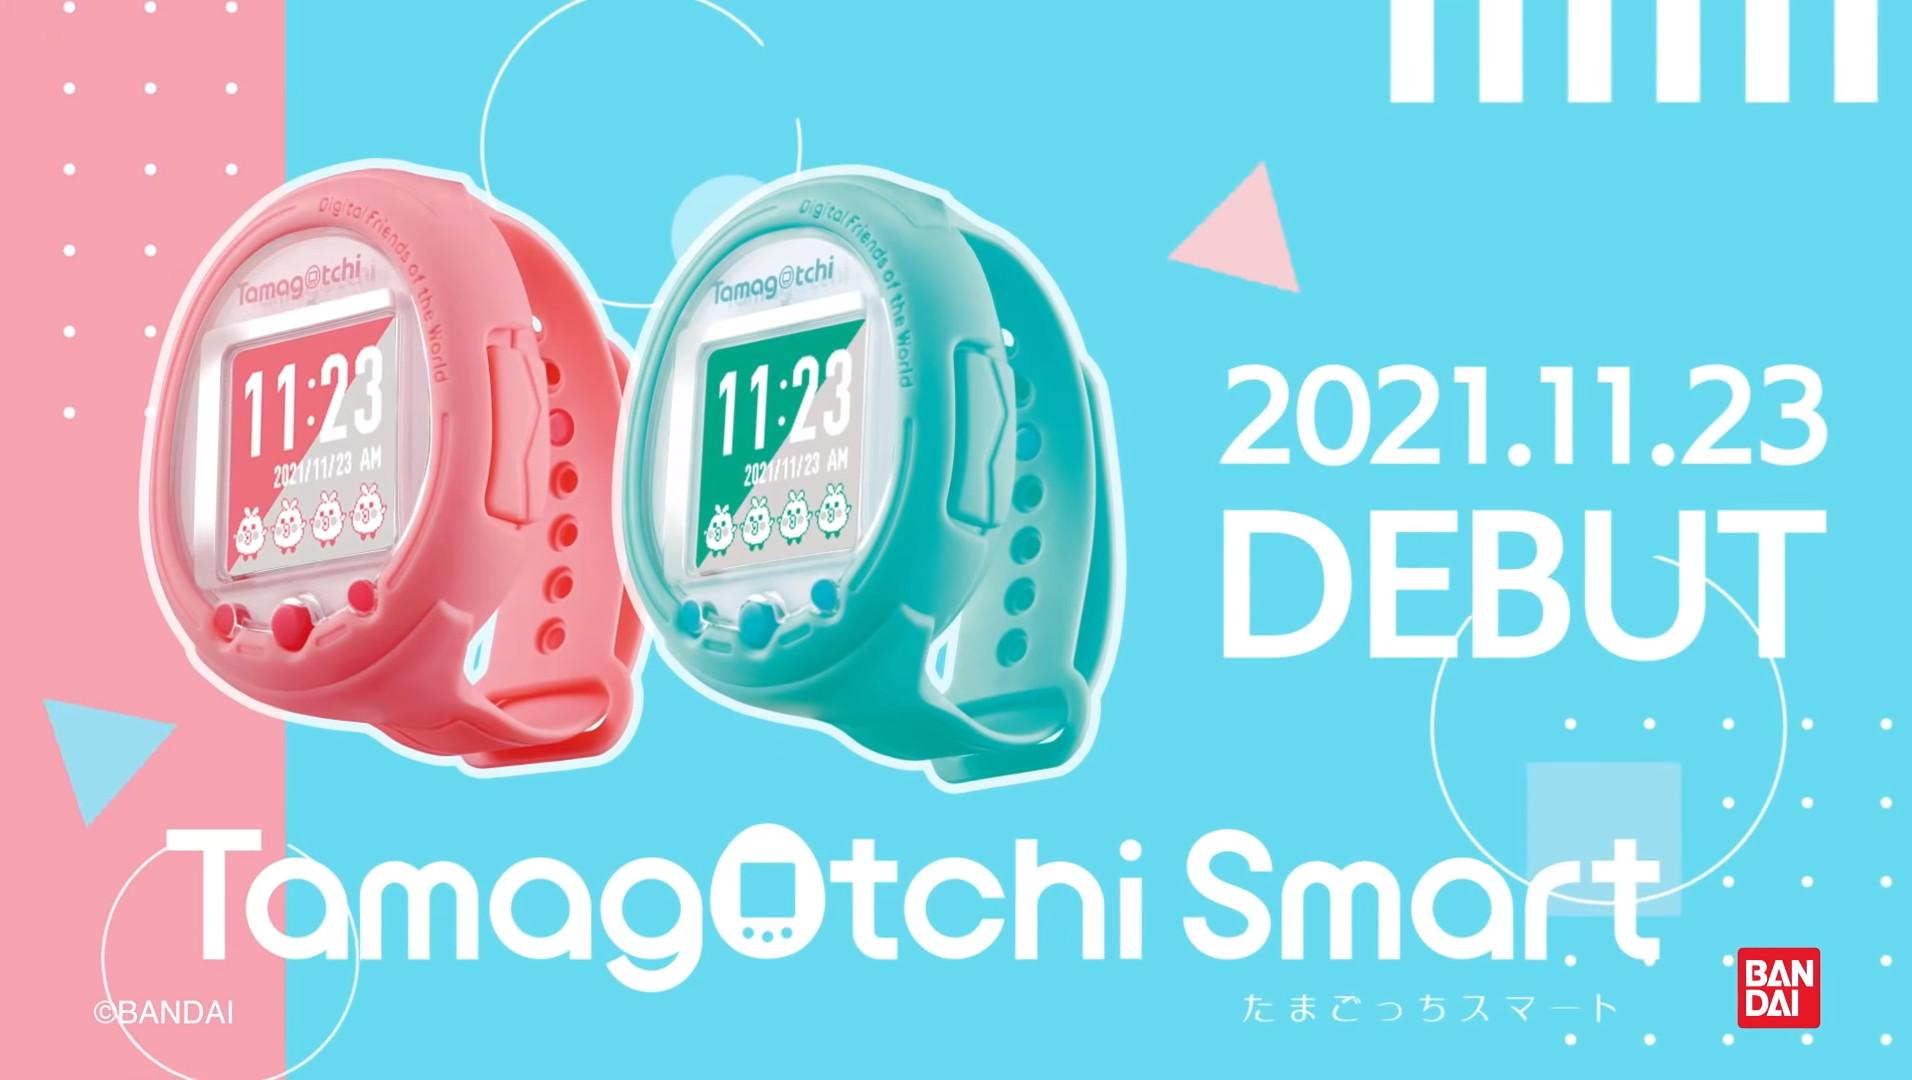 Tamagotchi Smart official